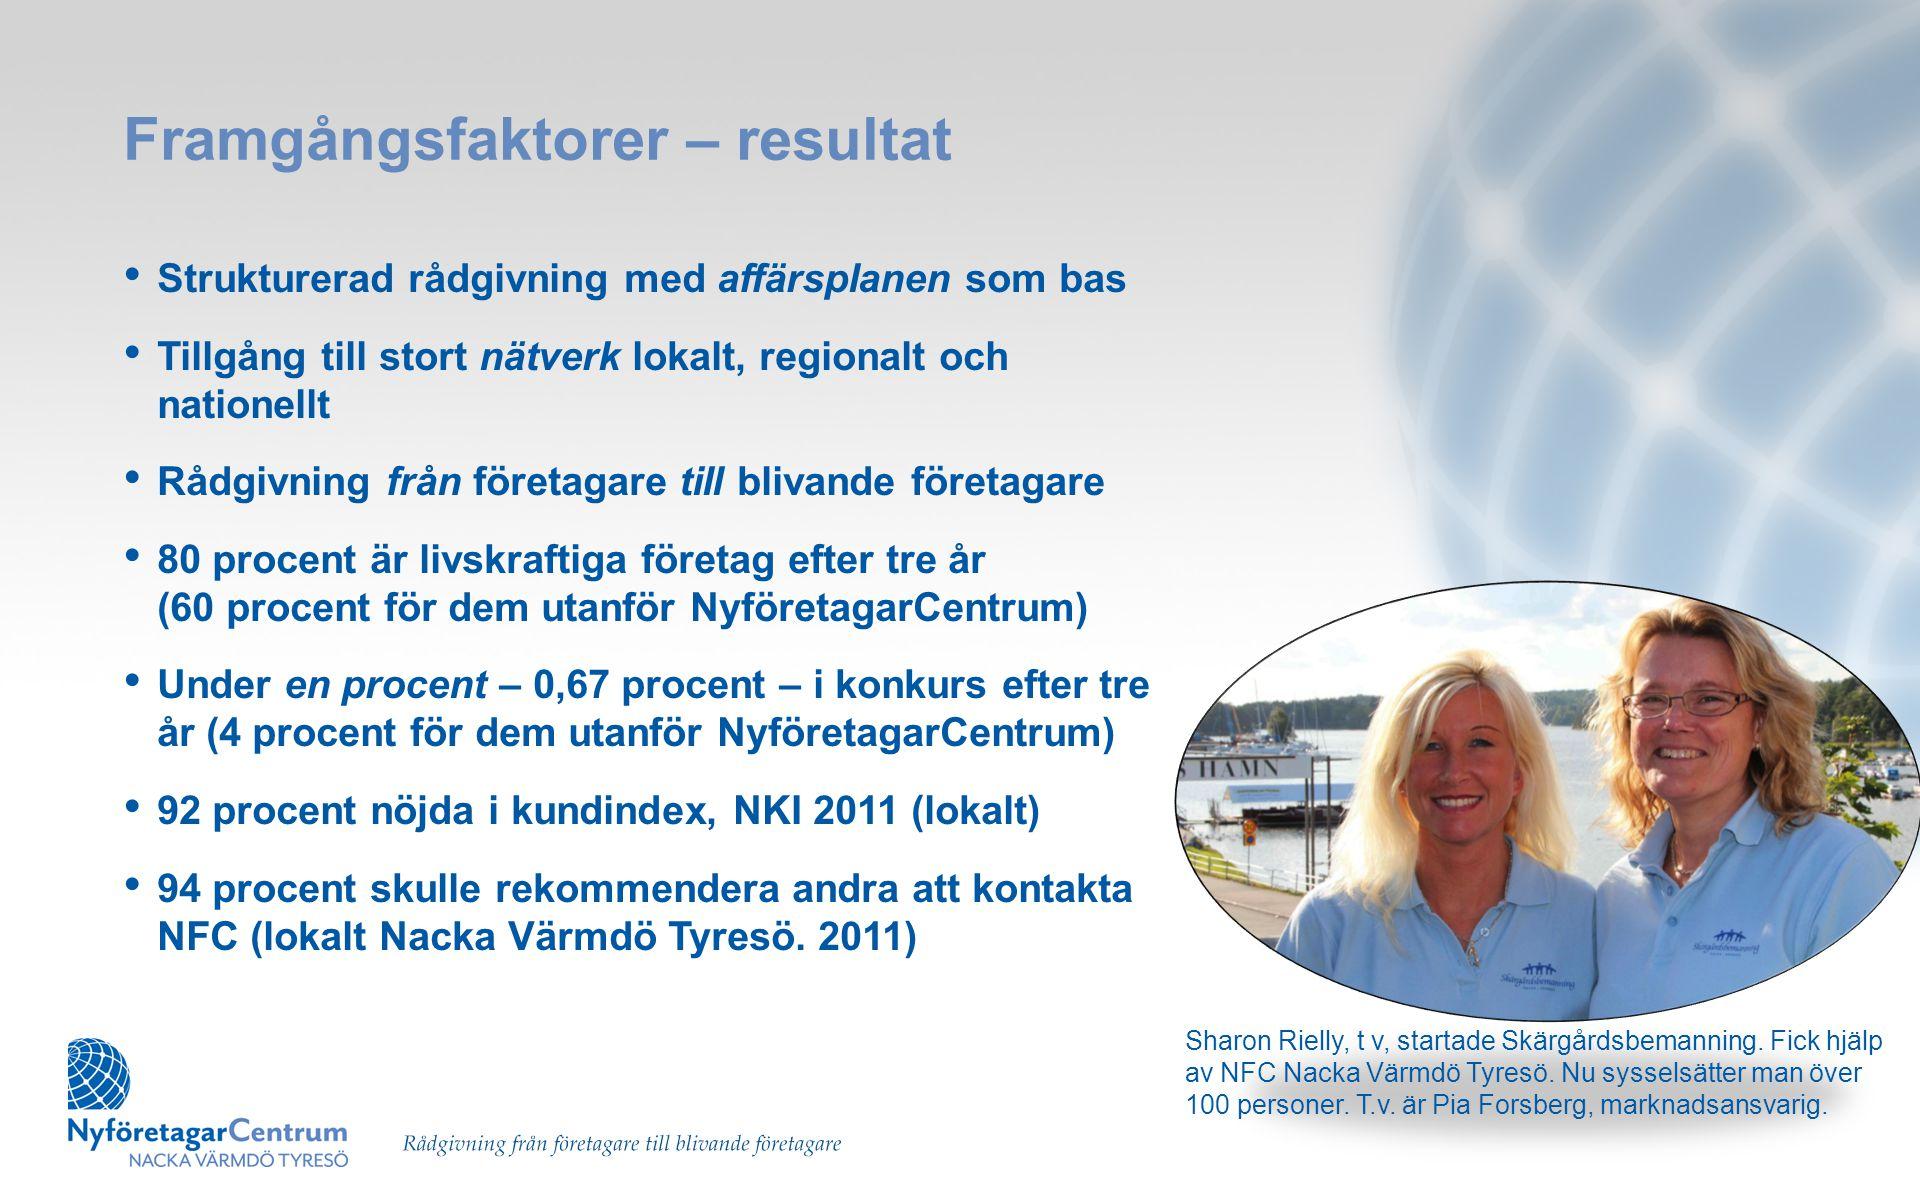 NyföretagarCentrum behövs • För att Sverige har låg andel nyföretagare – plats 47 av 59 undersökta länder i senaste GEM-studien* • För att nya arbetstillfällen skapas i nya och mindre företag • För att det är nödvändigt att stärka entreprenörskapet • För att vi kan bidra till ökad mångfald i näringslivet • För att allt fler människor vill starta eget, men många vågar inte.